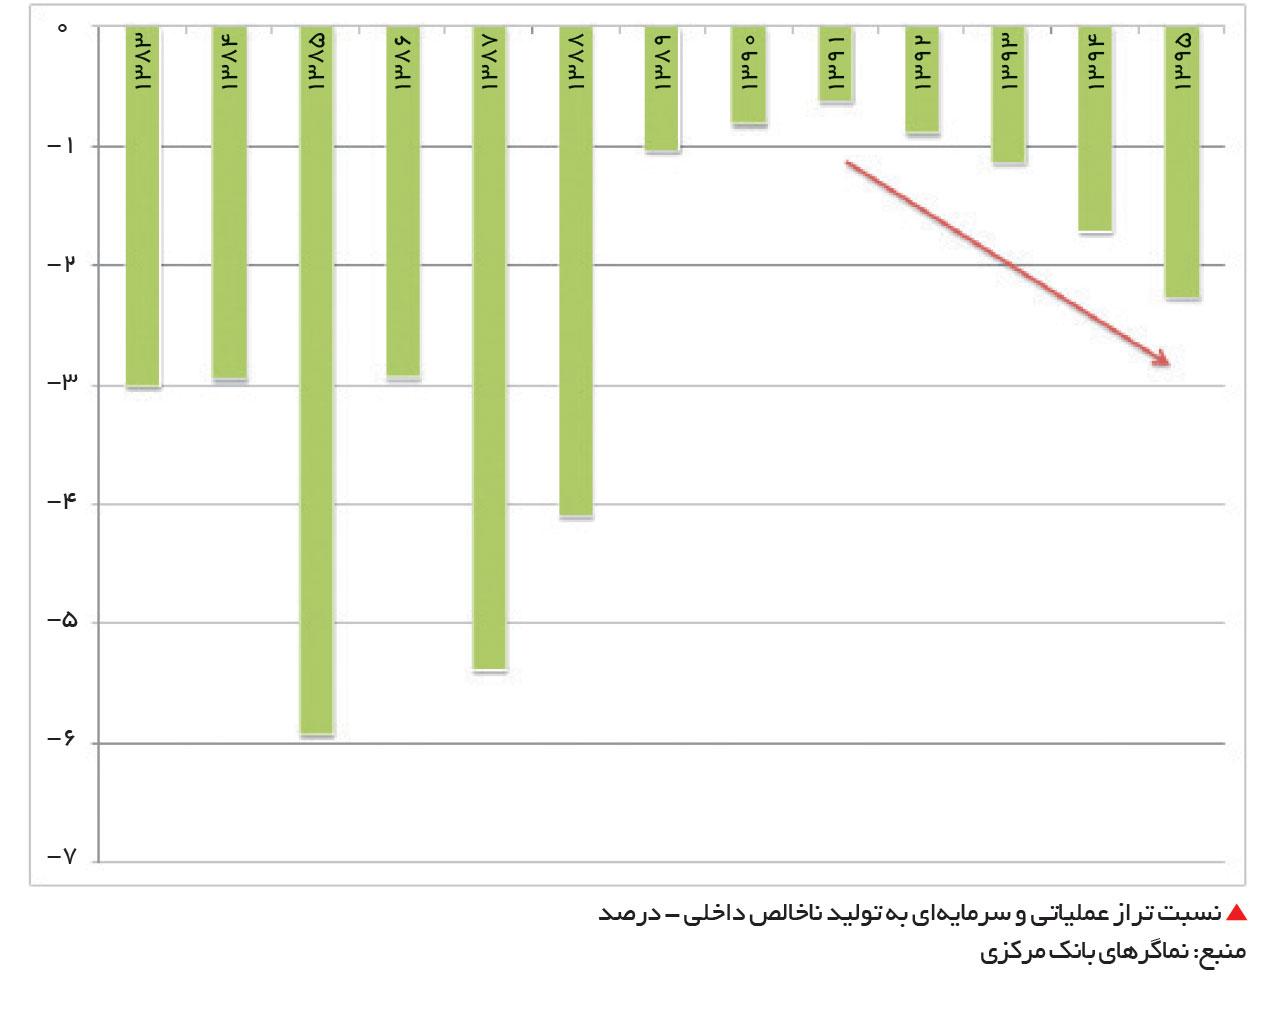 تجارت فردا-  نسبت تراز عملیاتی و سرمایهای به تولید ناخالص داخلی